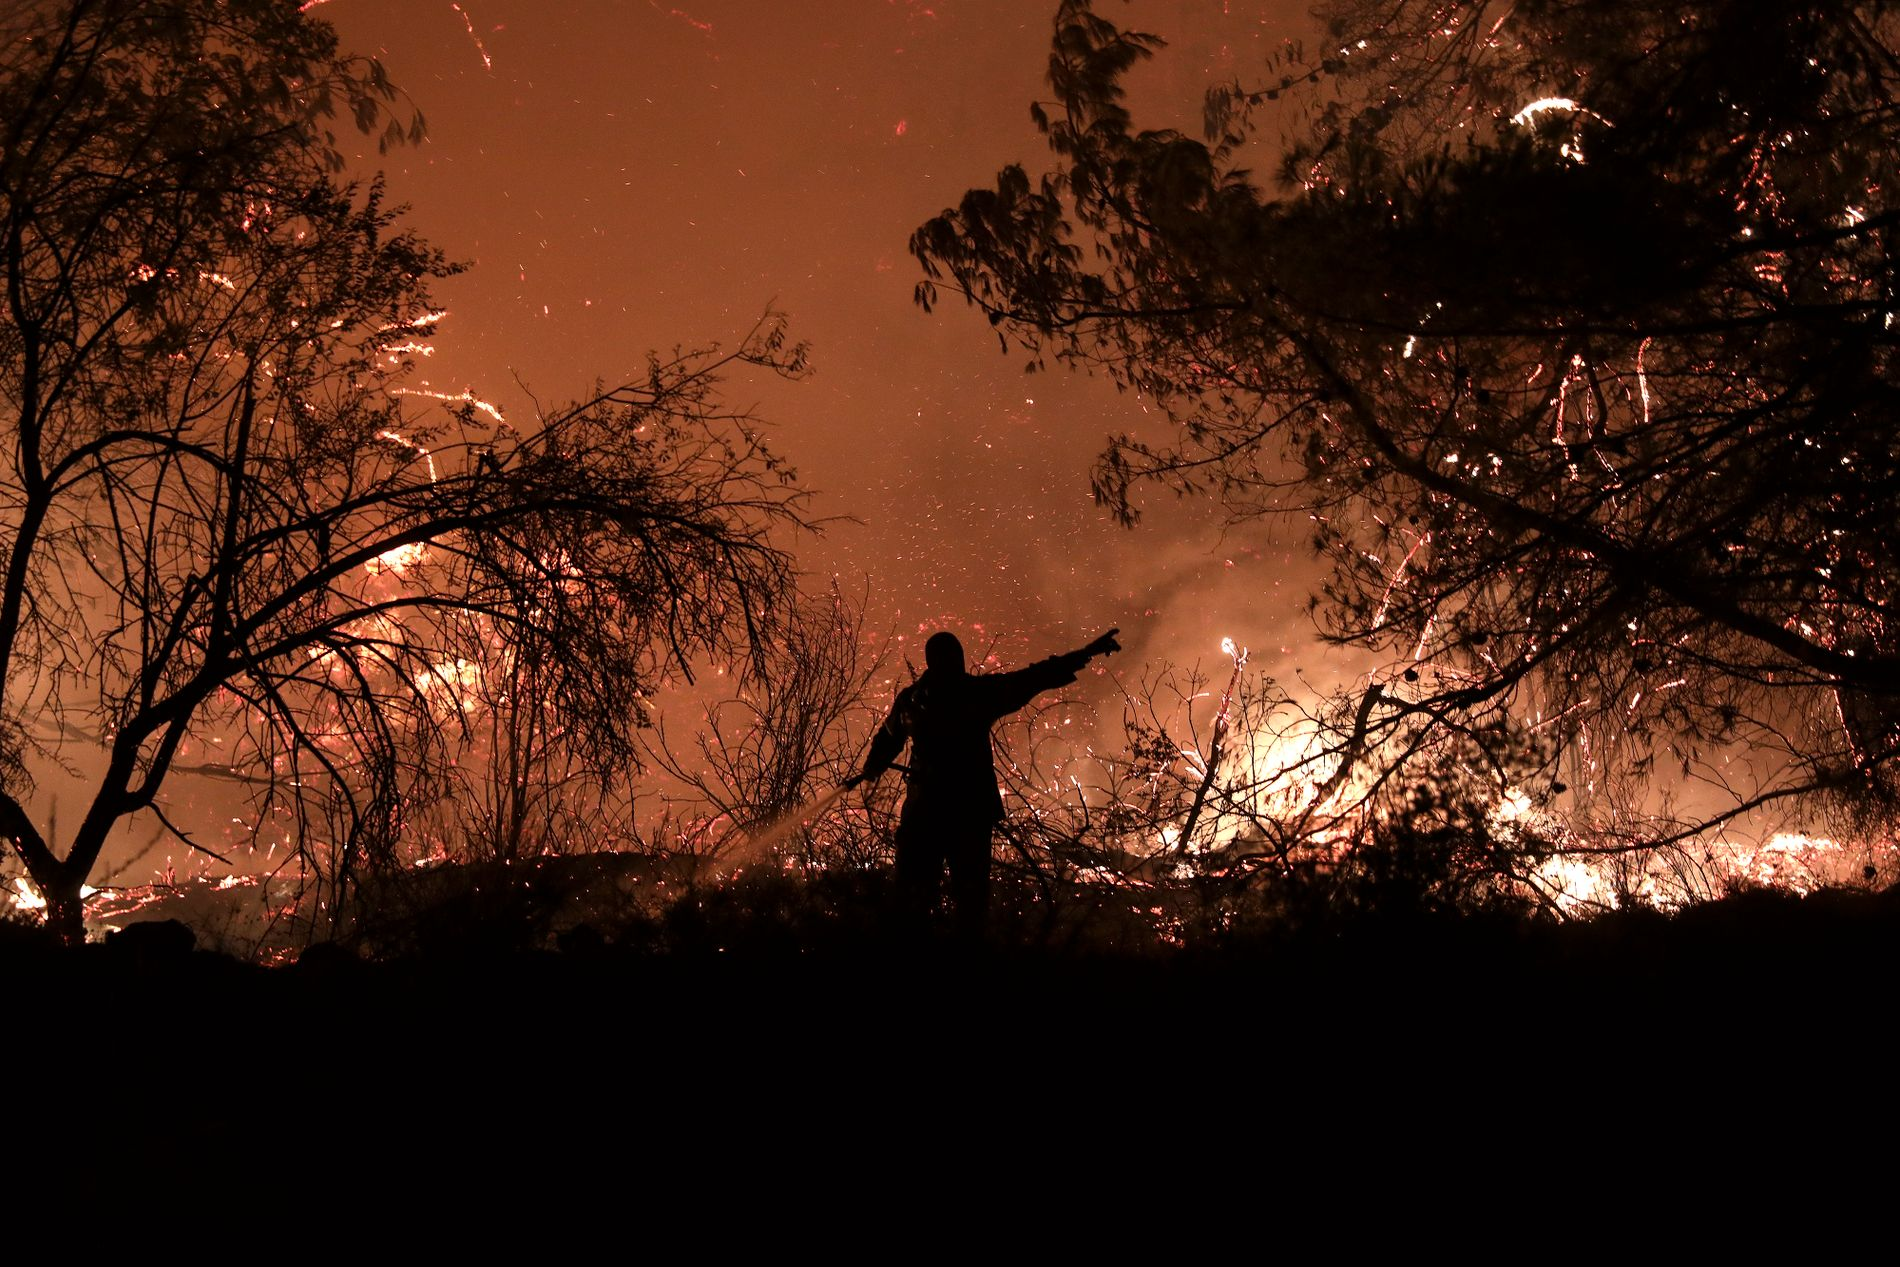 KREVENDE: En brannmann forsøker å få bukt med heten og ilden i skogbrannen i landsbyen Makrimalli på Evia, øya nordøst for Aten.